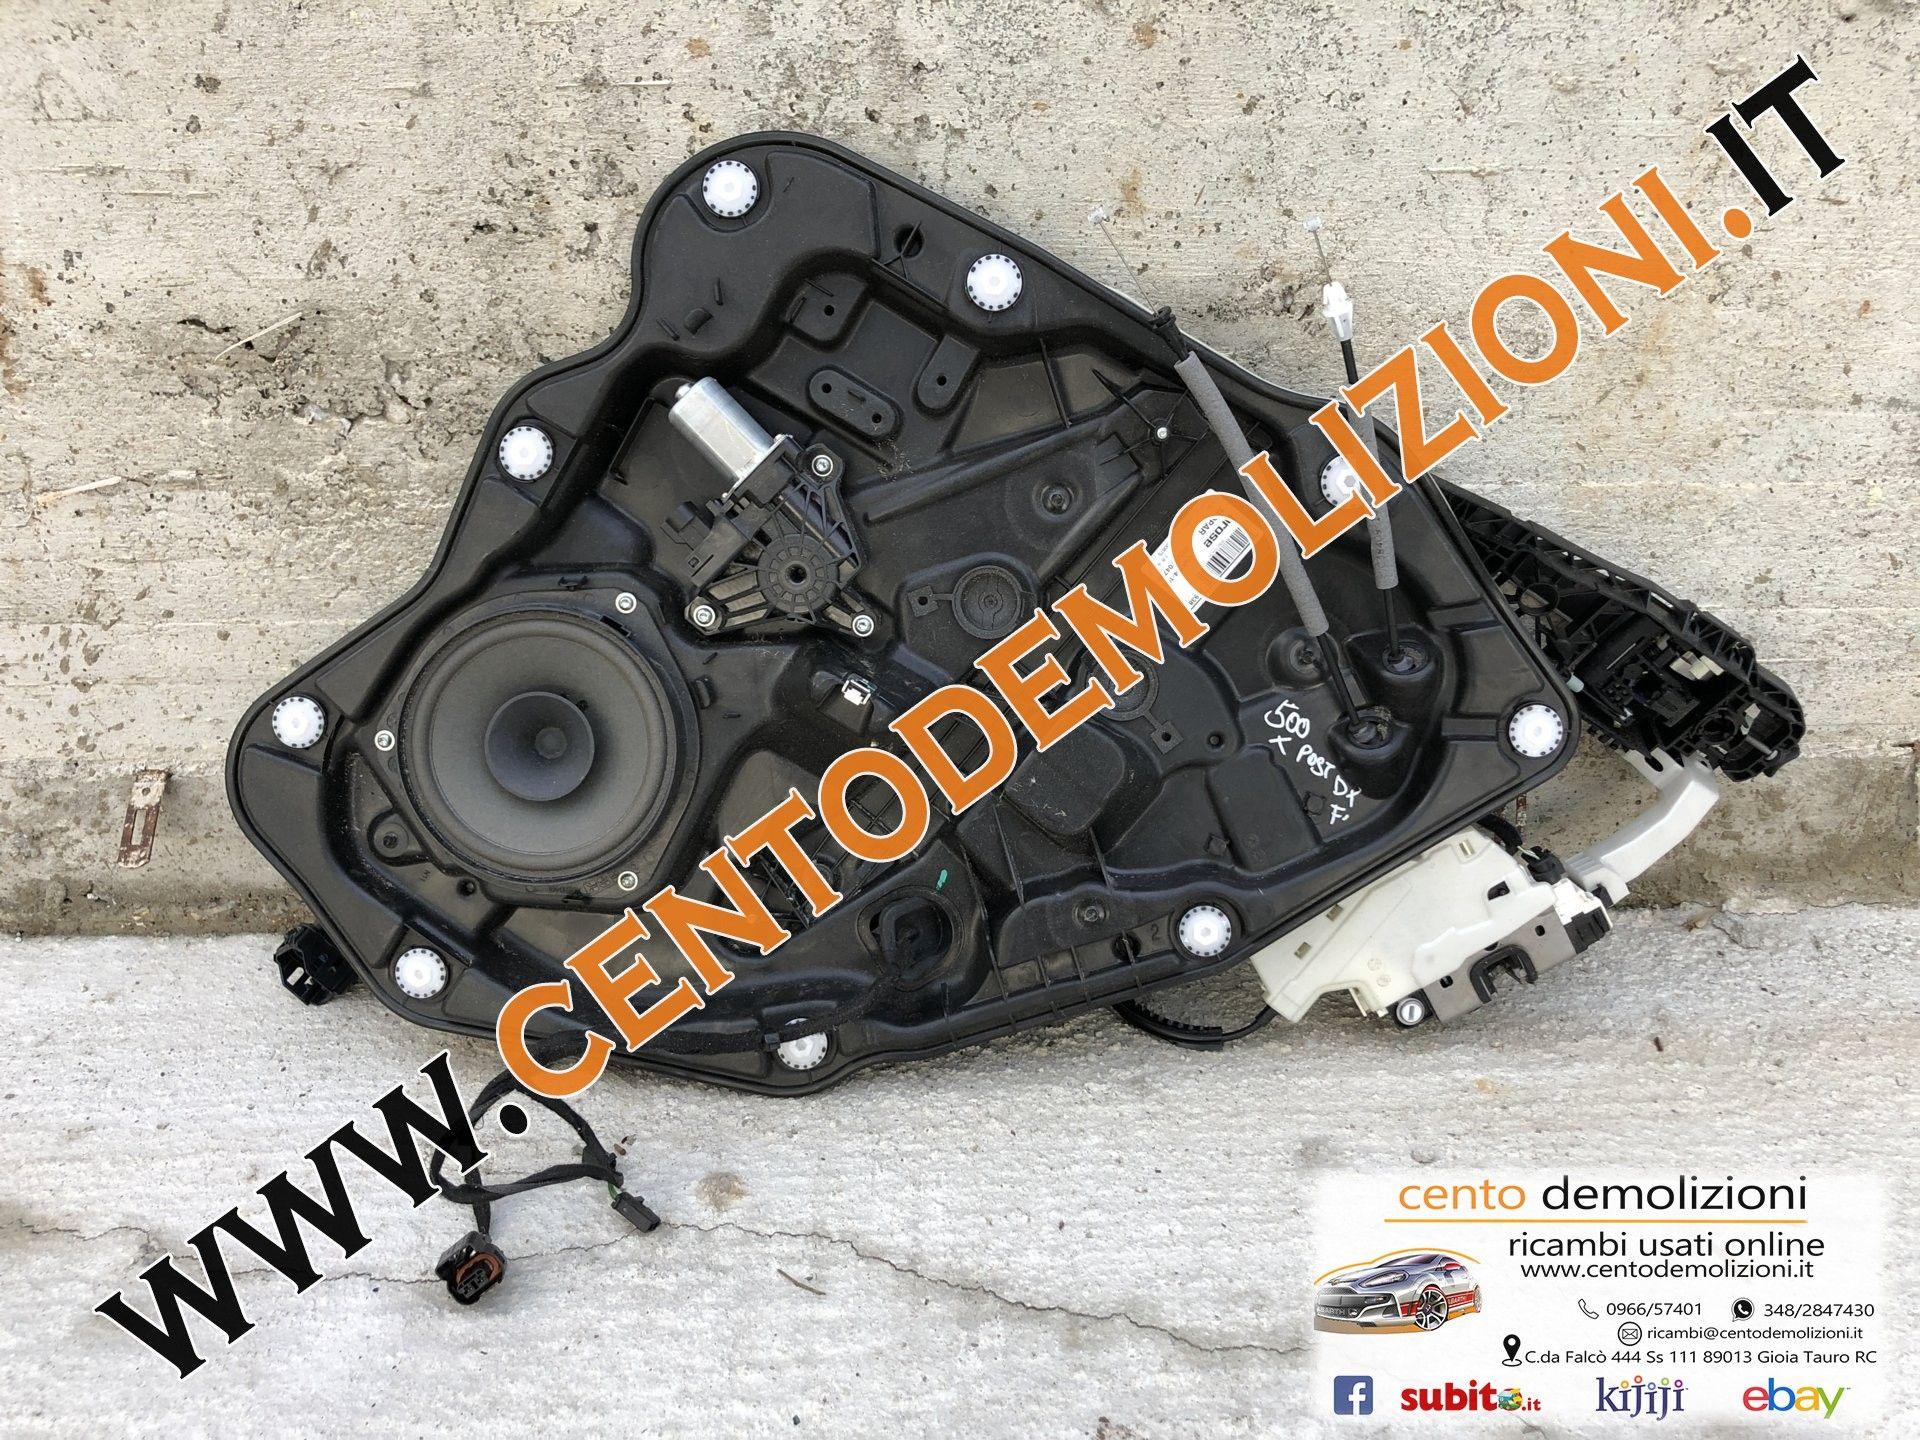 00520704790 MOTORINO ALZAVETRO POSTERIORE DESTRA FIAT 500 X 1° Serie 1300 Diesel  (2017) RICAMBI USATI